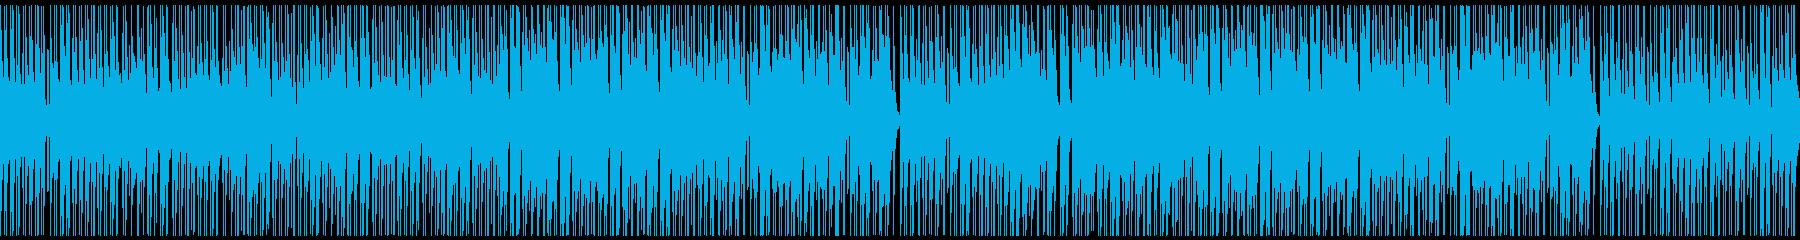 ノリ良い音頭の和風/ゲーム映像/M17pの再生済みの波形